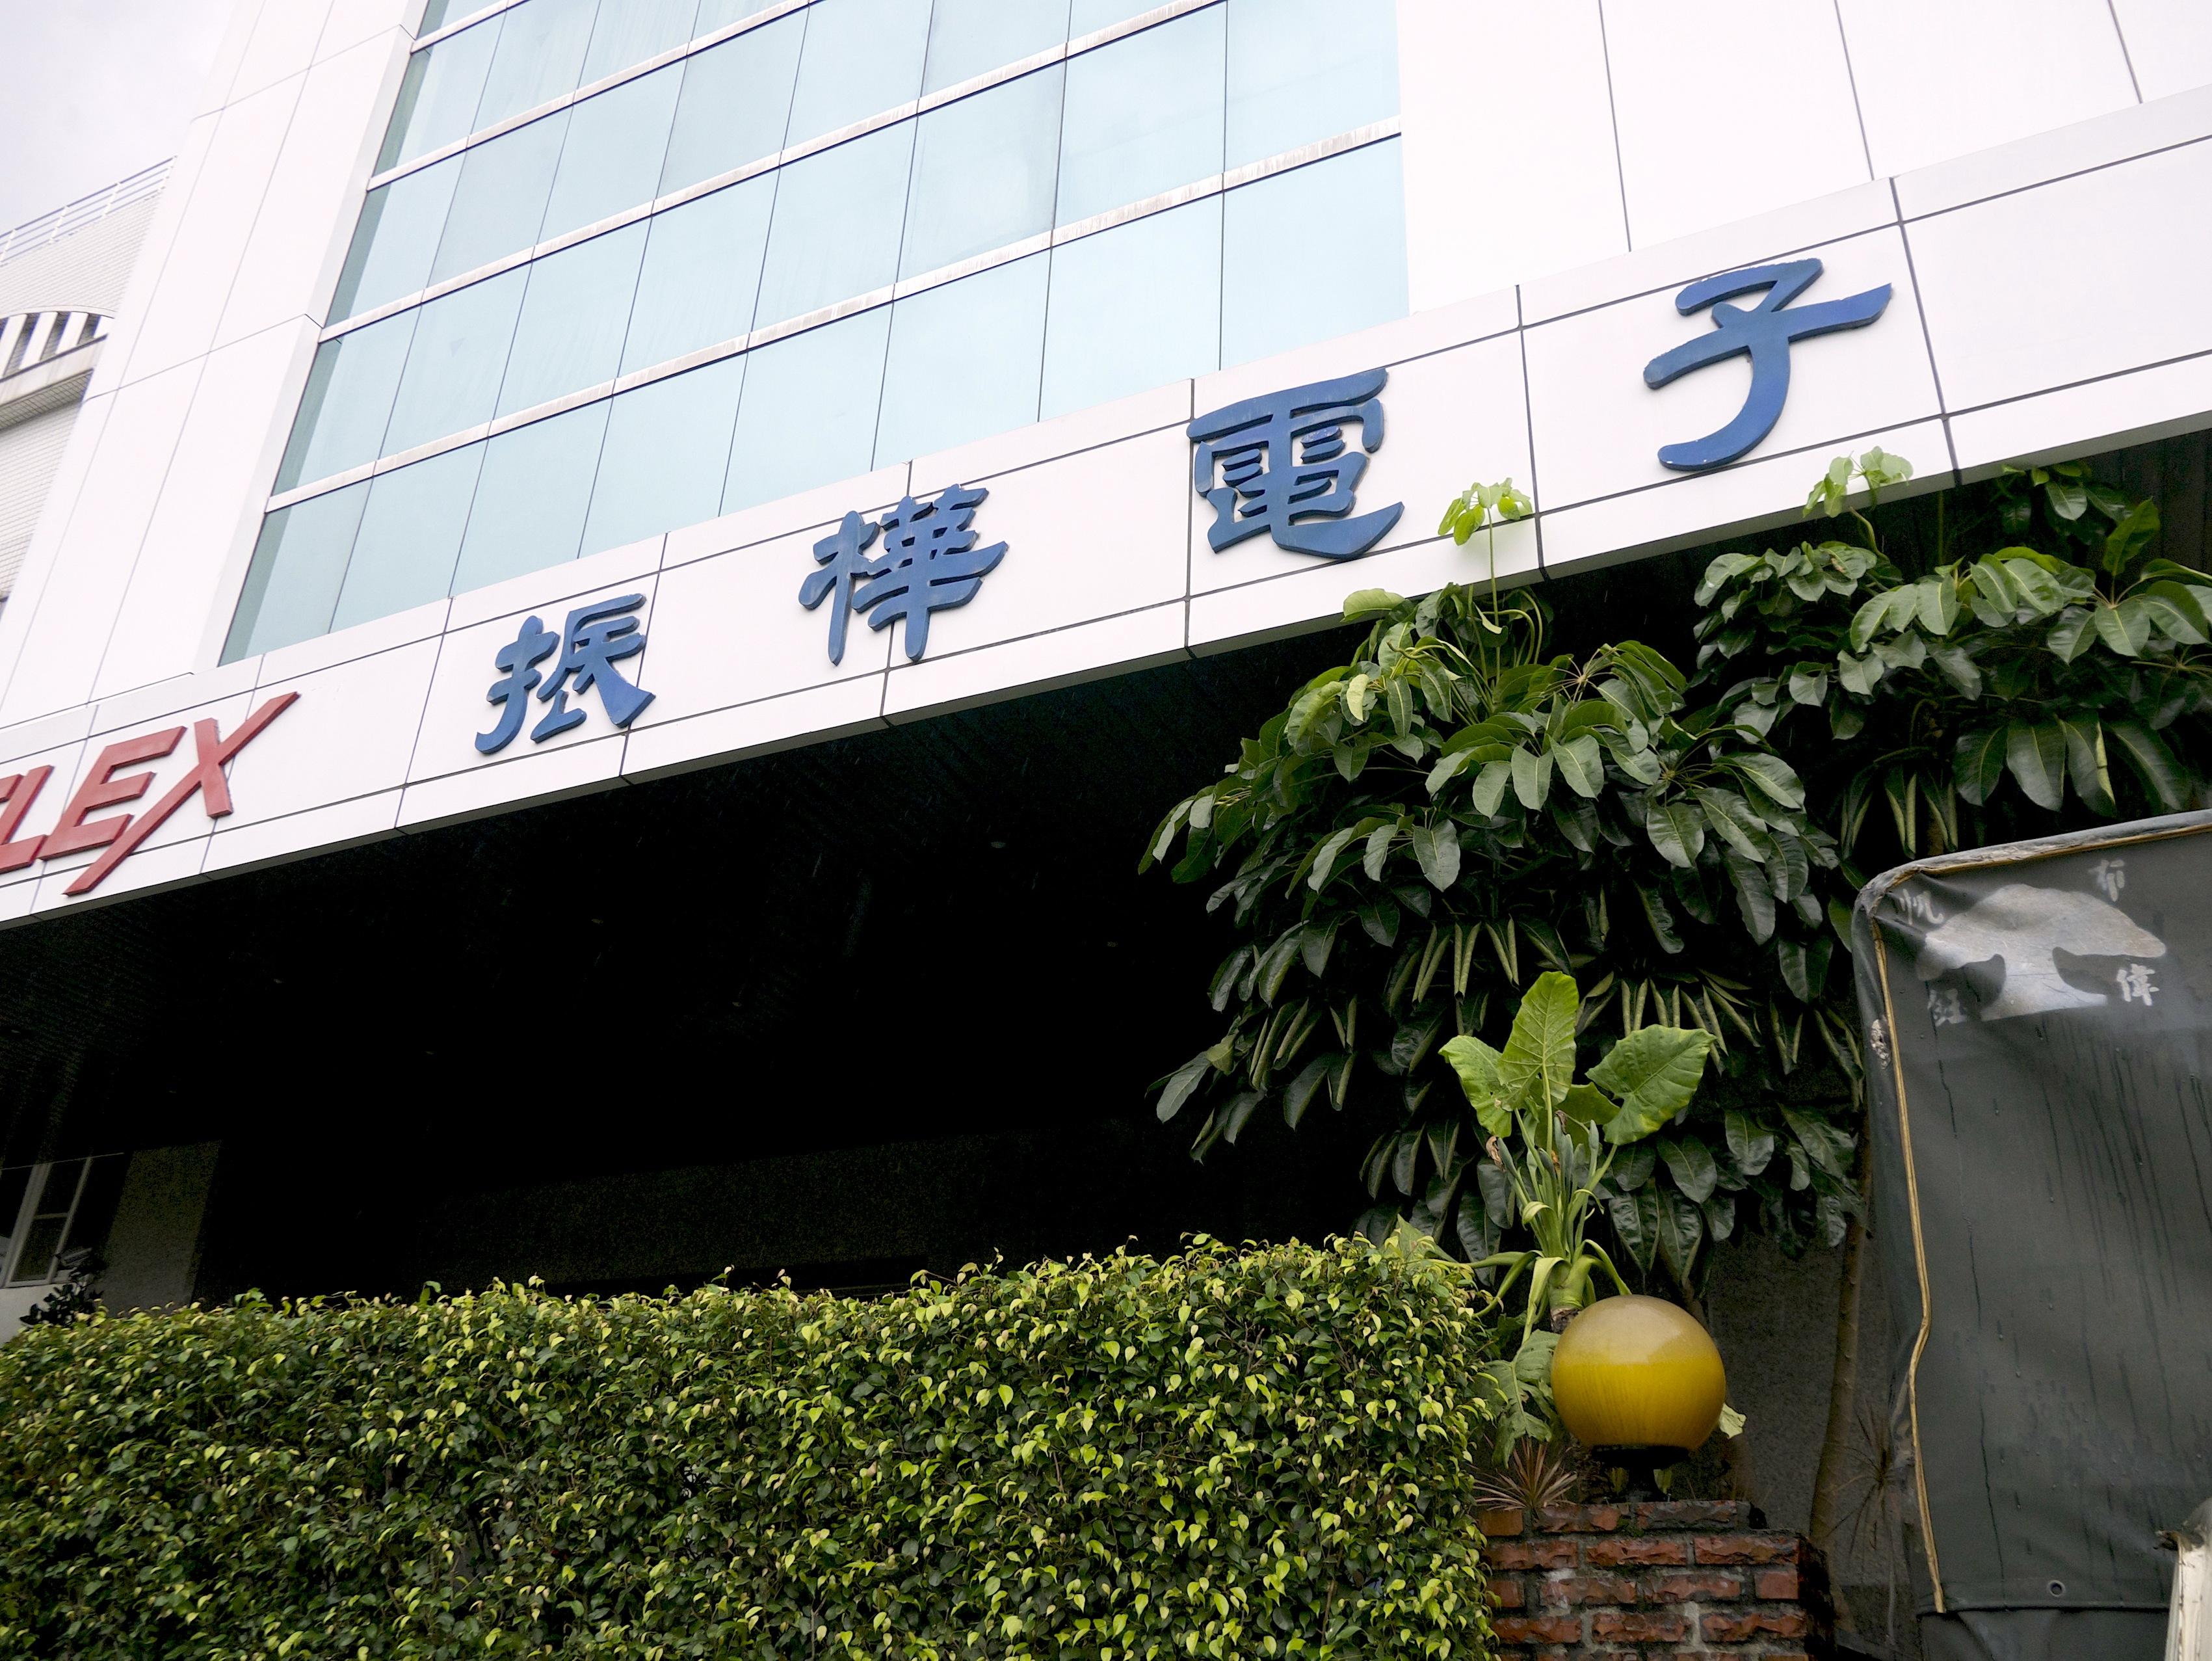 振樺電去化美西塞港訂單,Q2 季增 15-20%